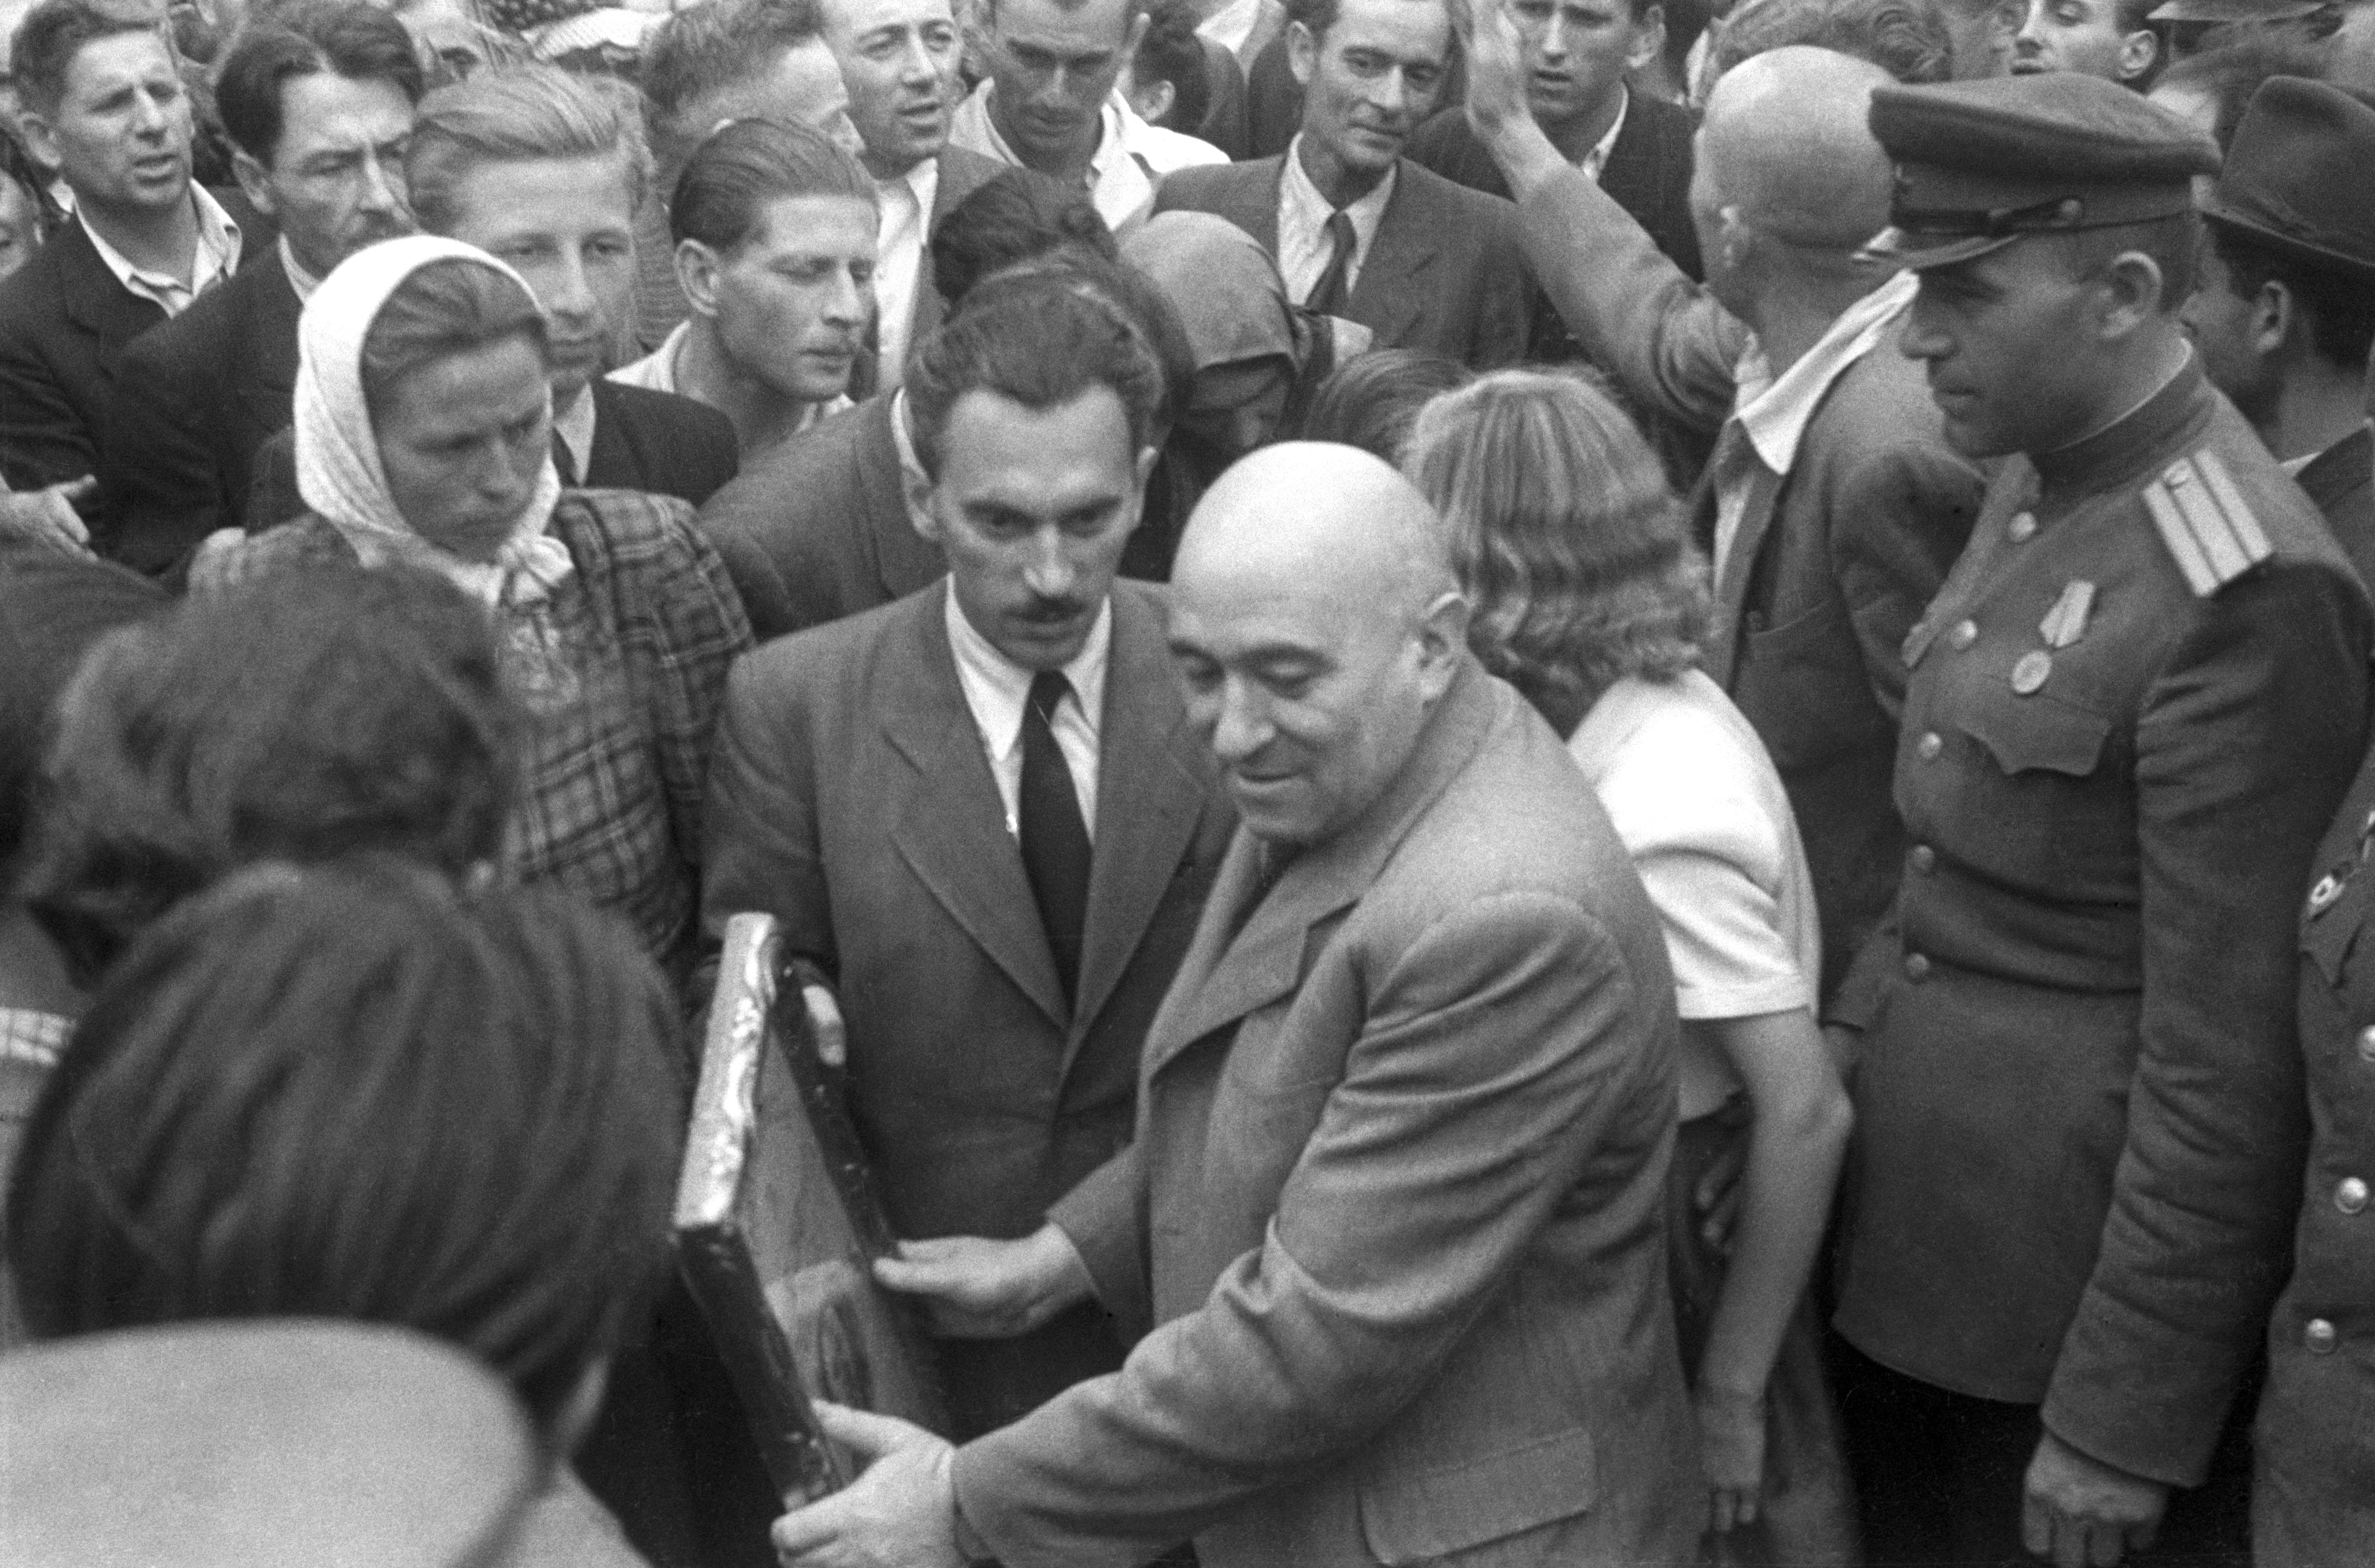 Kecskemét, 1945. Péter Gábor és Rákosi Mátyás az MKP fõtitkára érkezik a Magyar Kommunista Párt (MKP) választási gyûlésére. / MTI Fotó/MAFIRT